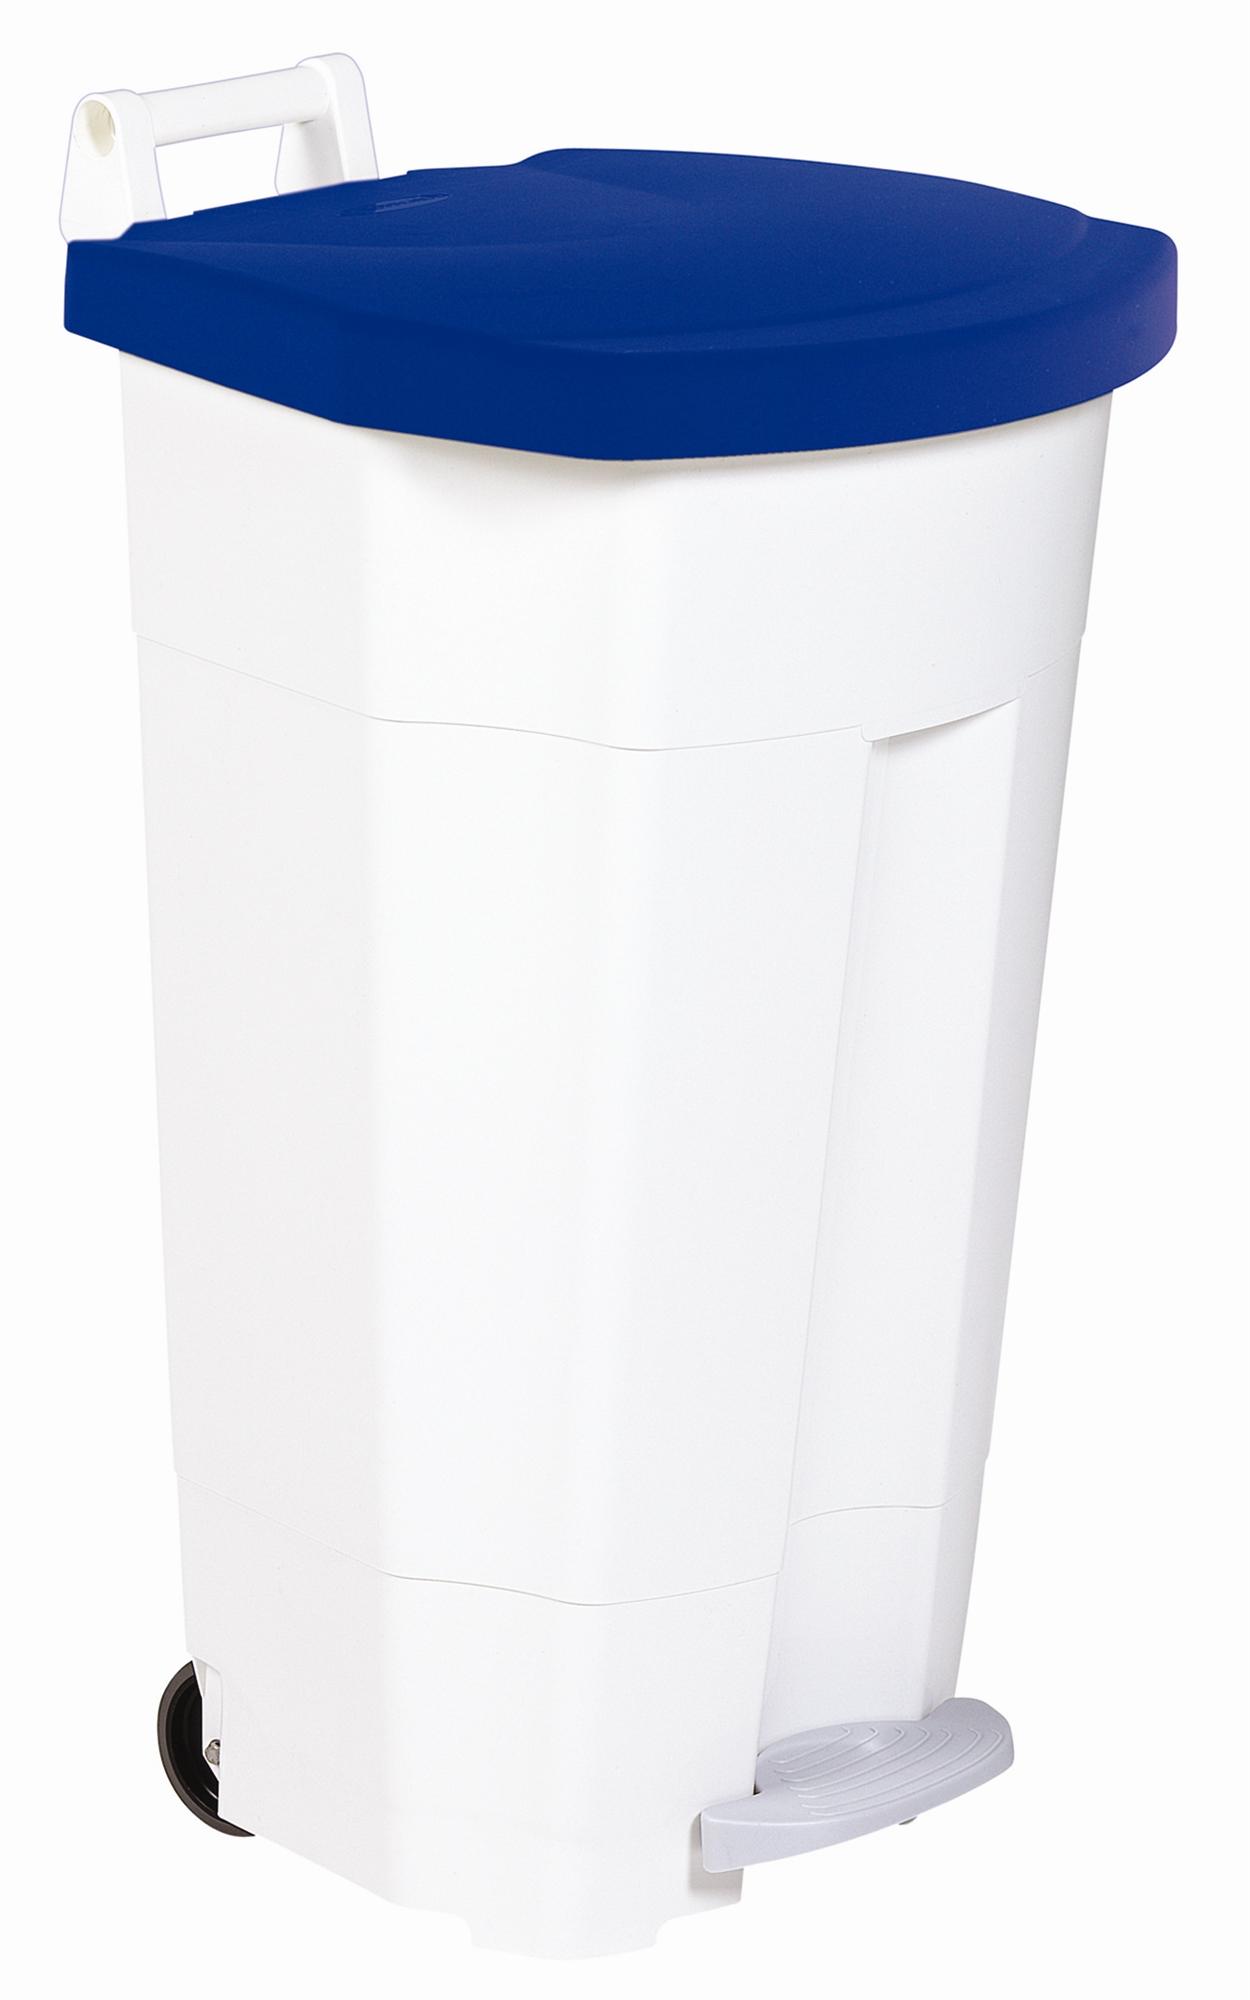 poubelle de cuisine rossignol haccp 90 litres bleu. Black Bedroom Furniture Sets. Home Design Ideas